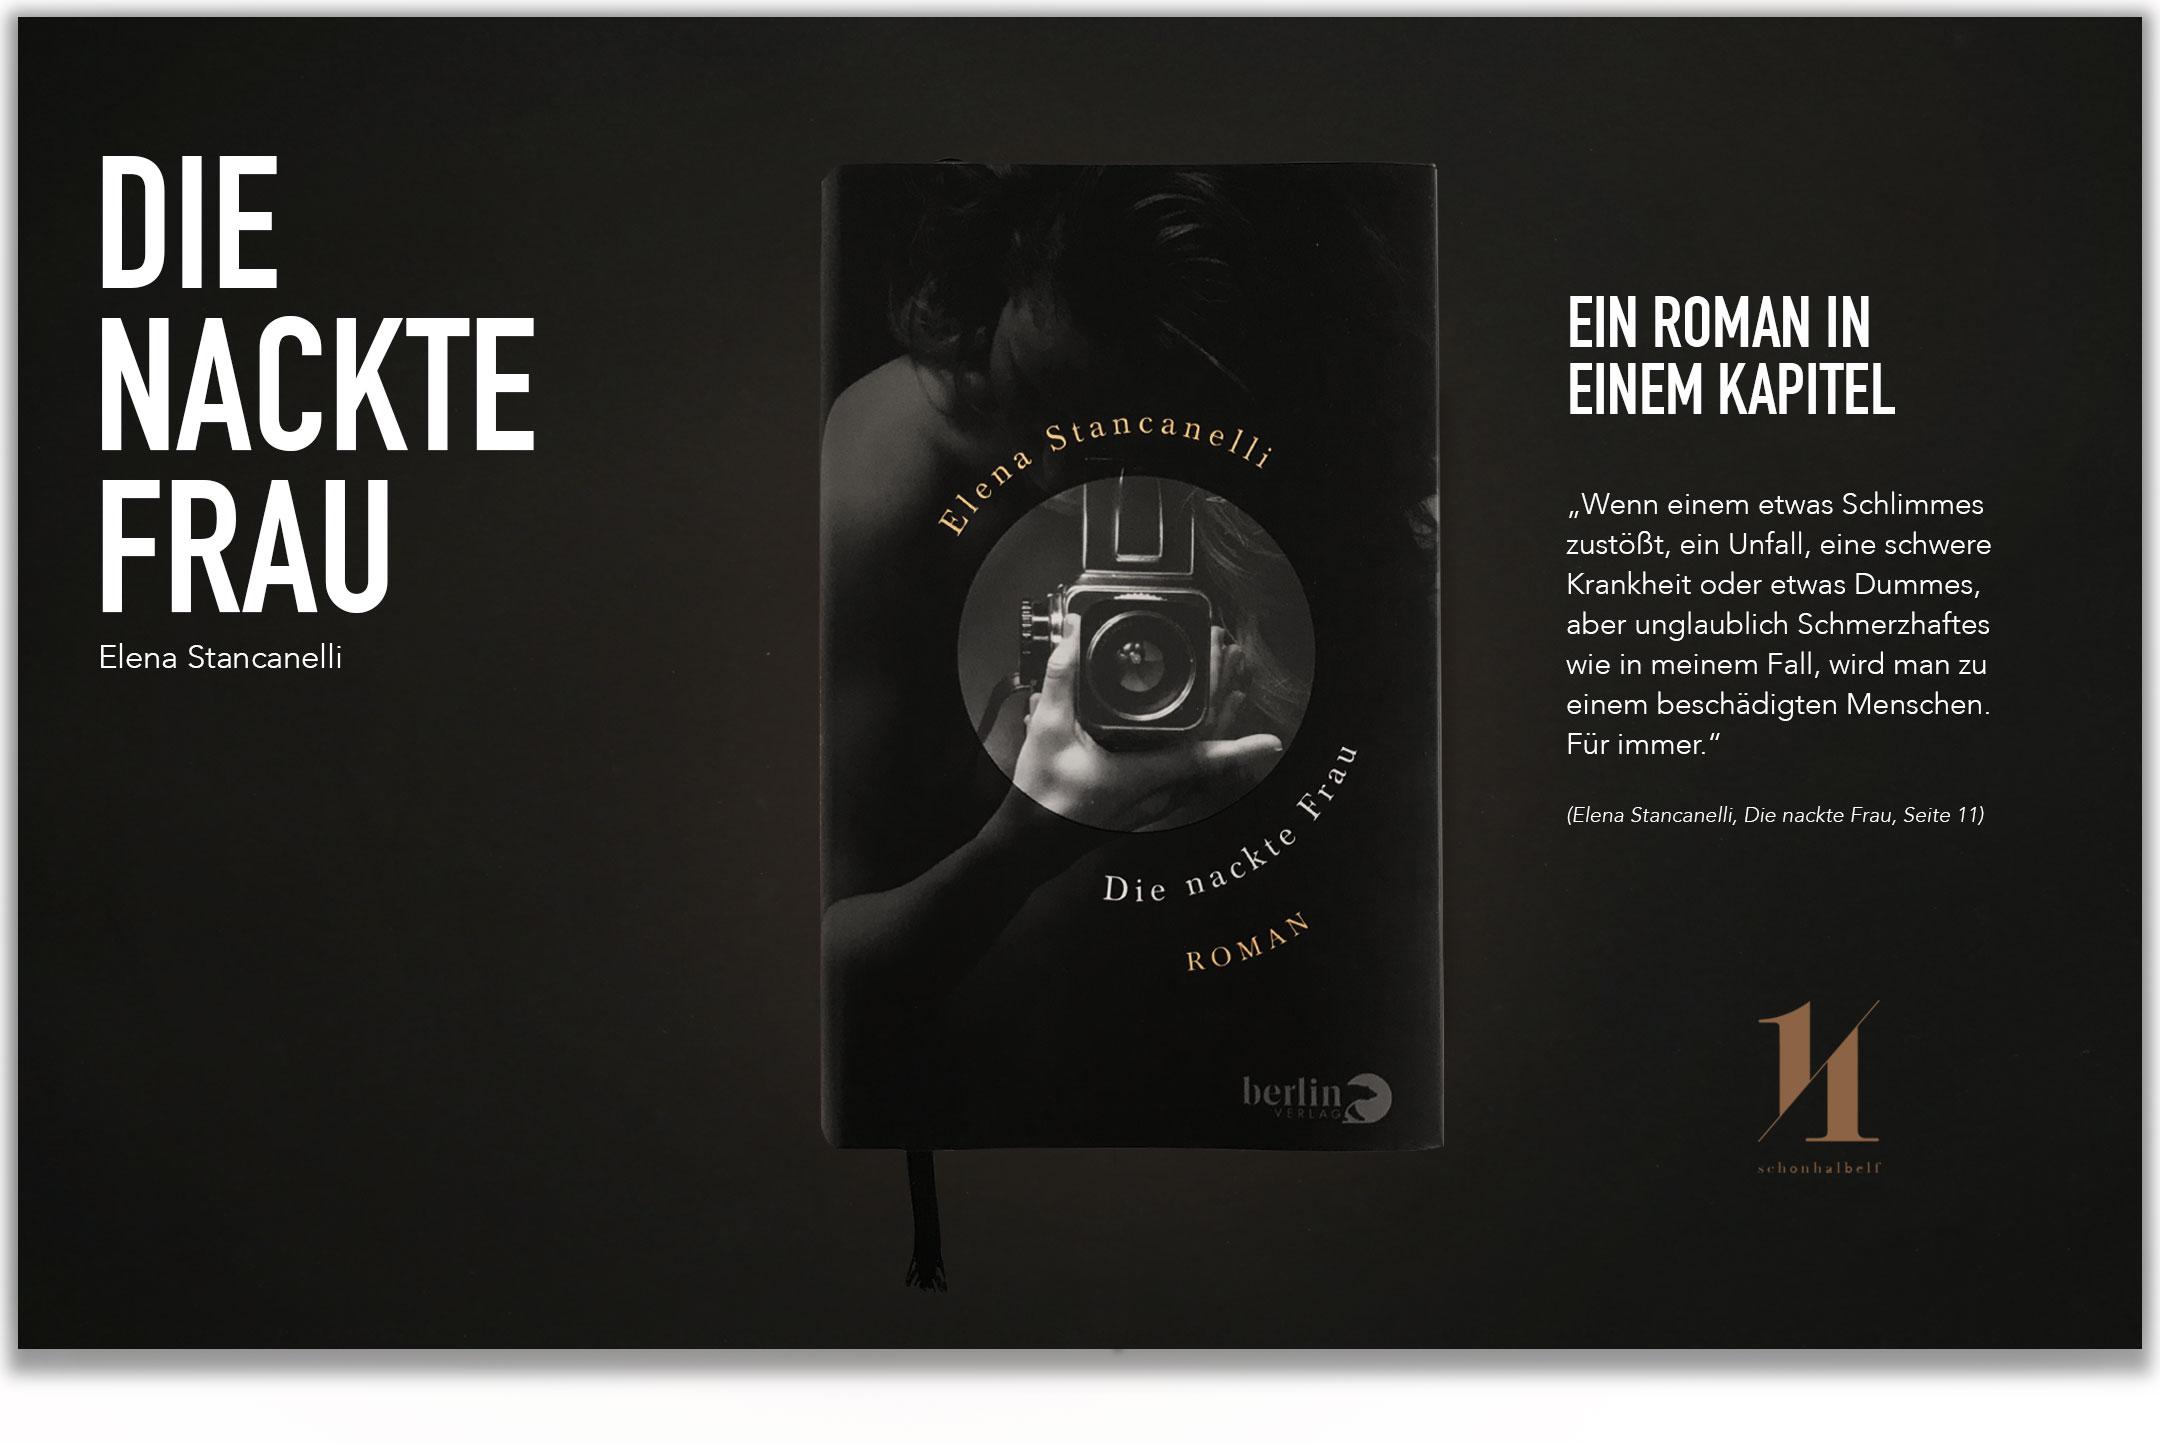 elena-stancanelli-die-nackte-frau-schonhalbelf-kochbuch-roman-geschichten-lifestyle-new